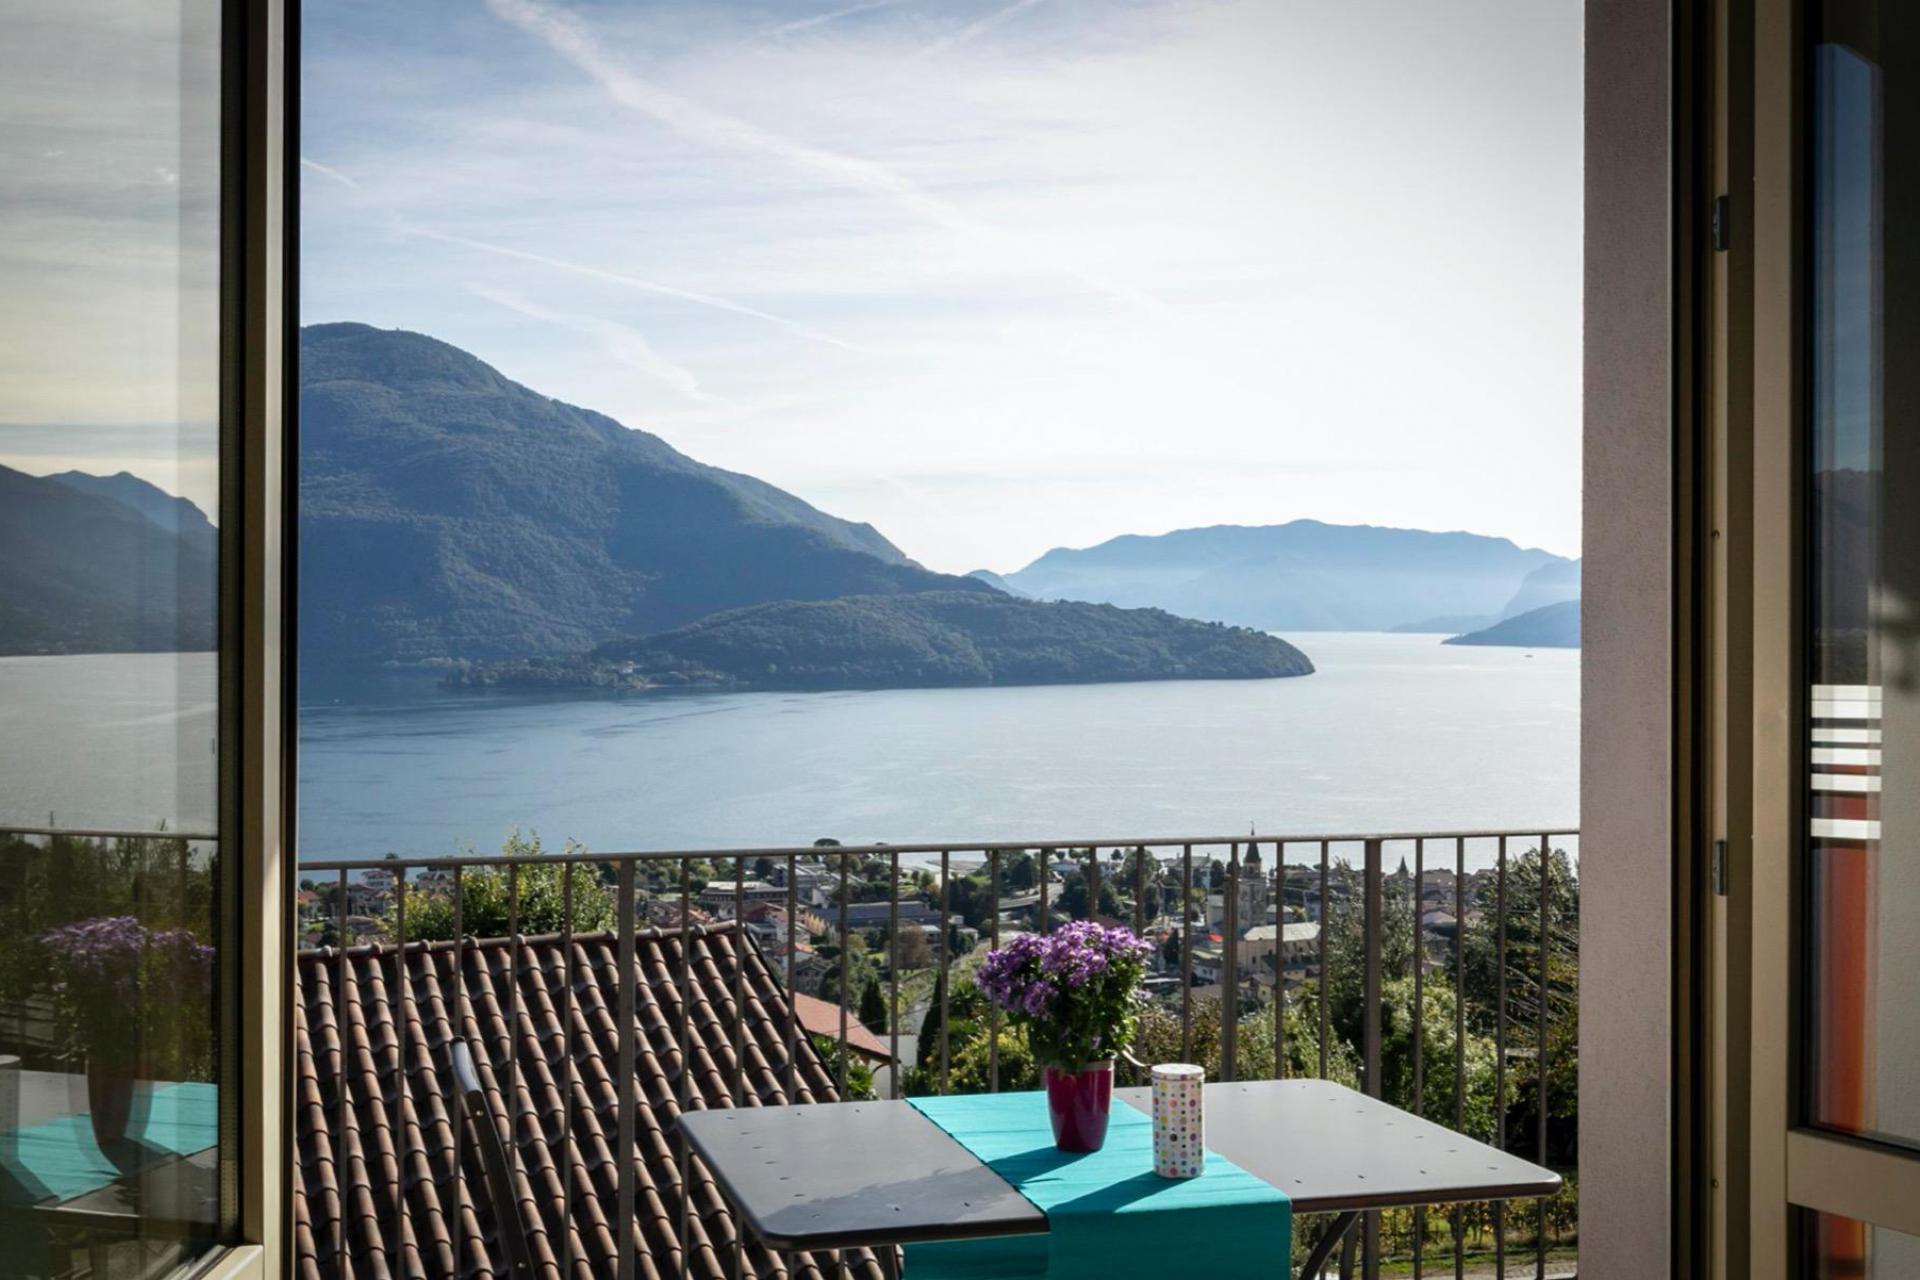 Agriturismo Lago di Como e lago di Garda Residence lago di Como adatto ai bambini, bei panorami